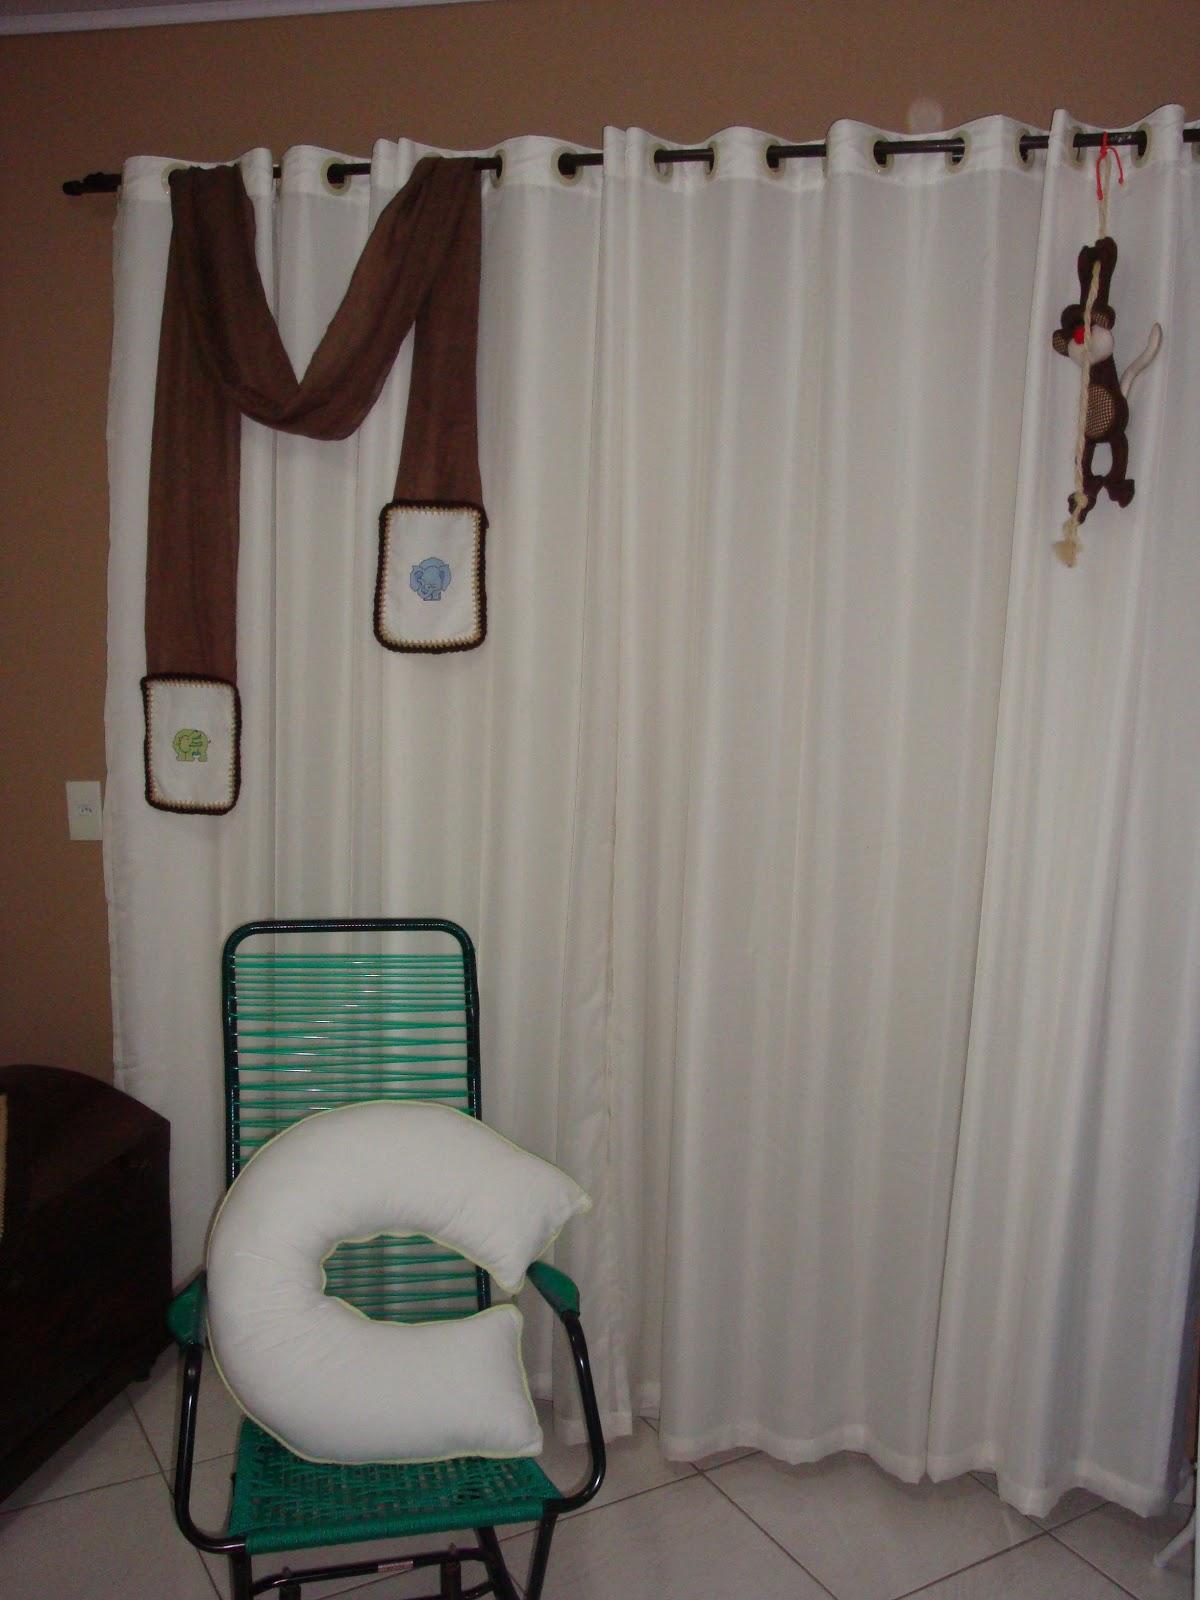 bordados e macaco de tecido a cadeira de balanço veio parar aqui #375F4D 1200x1600